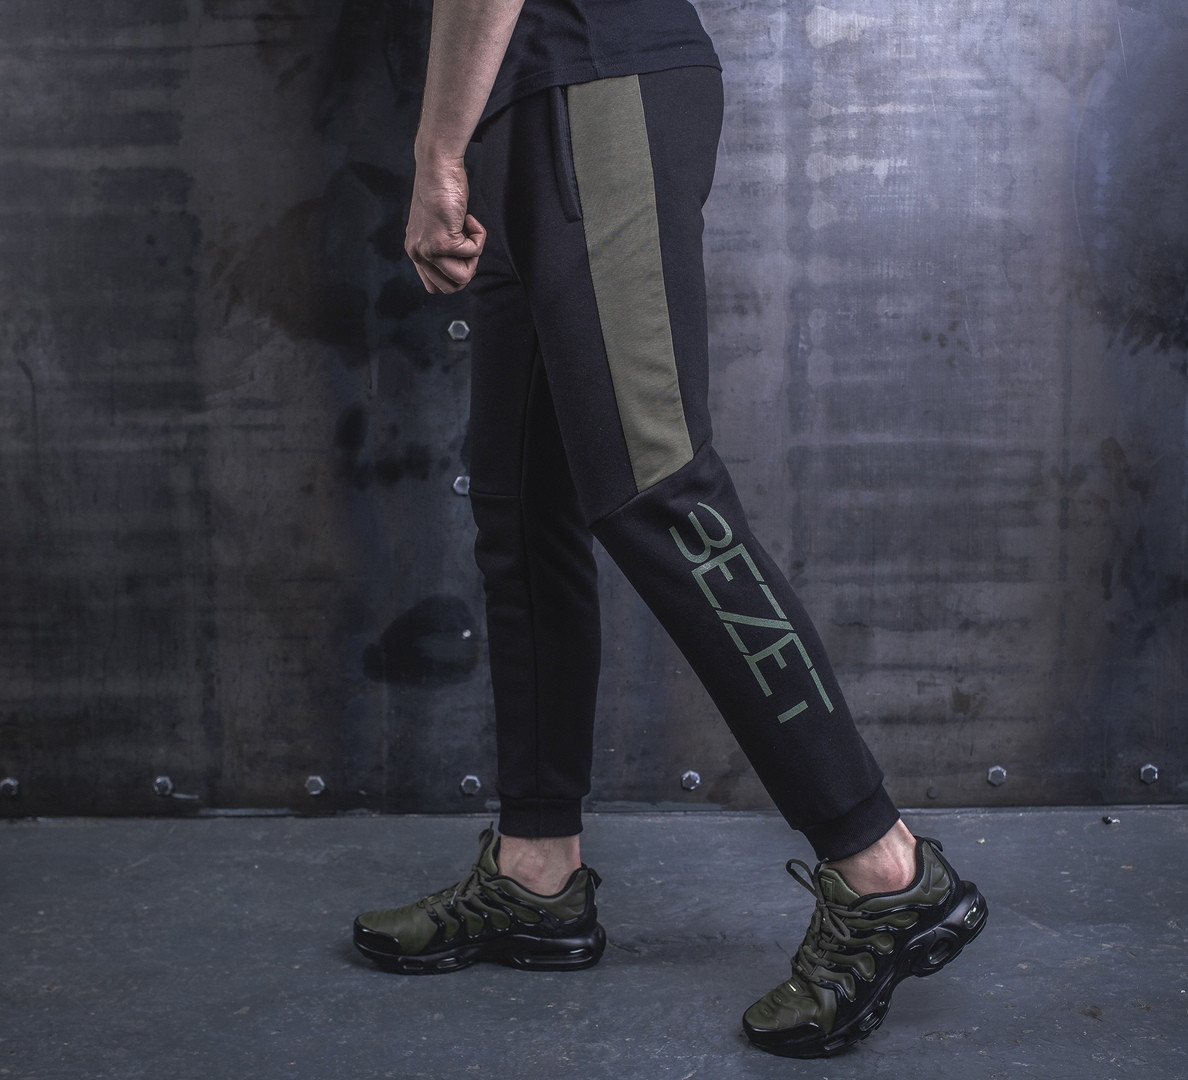 Спортивные штаны BEZET Freestyle black/khaki '19. Трикотаж